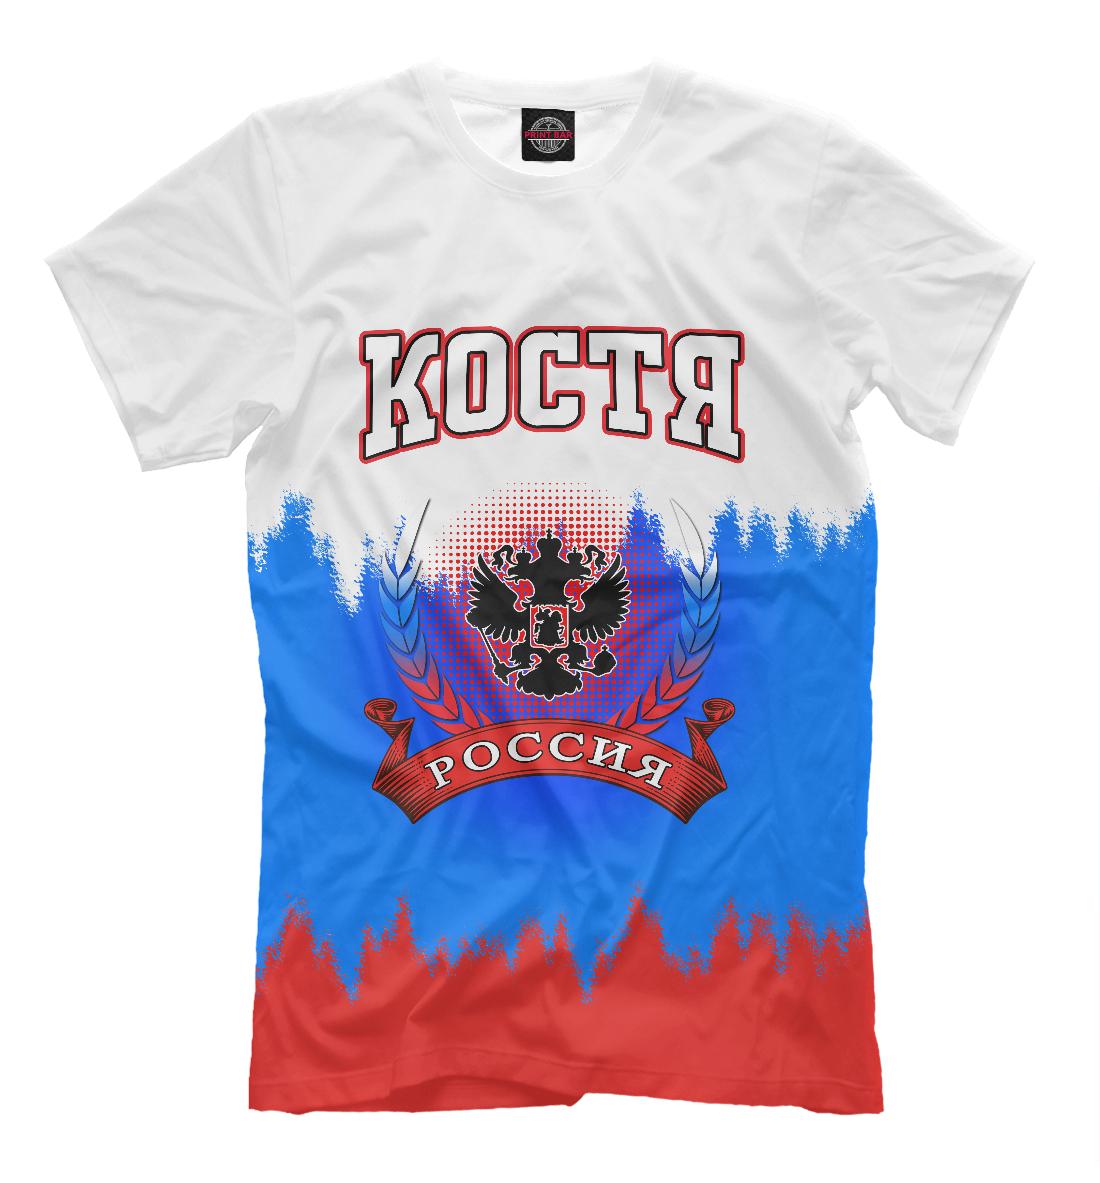 Купить Костя, Printbar, Футболки, KST-856418-fut-2